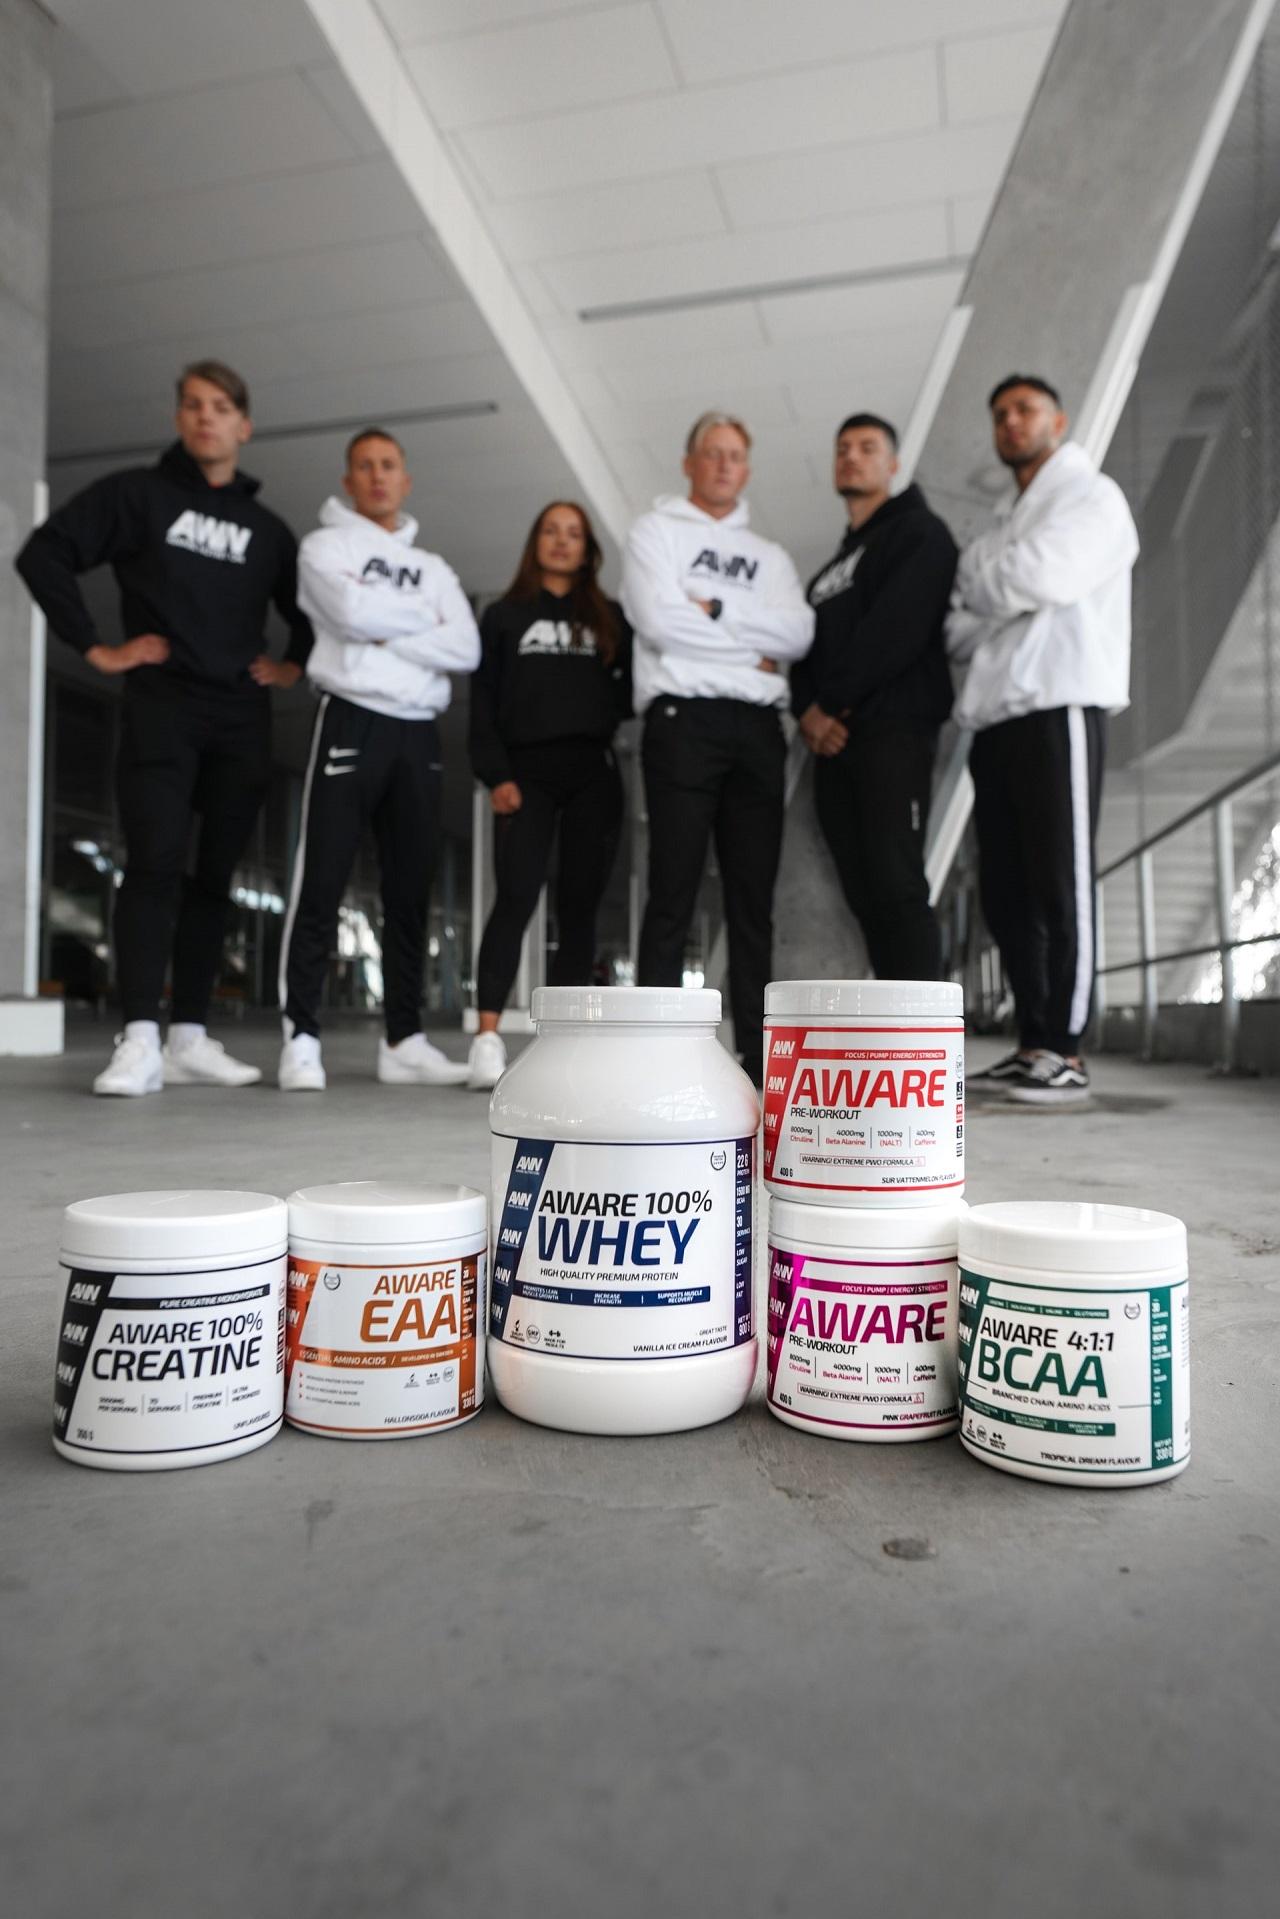 Proteinpulver und Eiweißshakes gehören bei vielen Fitnessfans und Kraftsportlern zum Lifestyle.